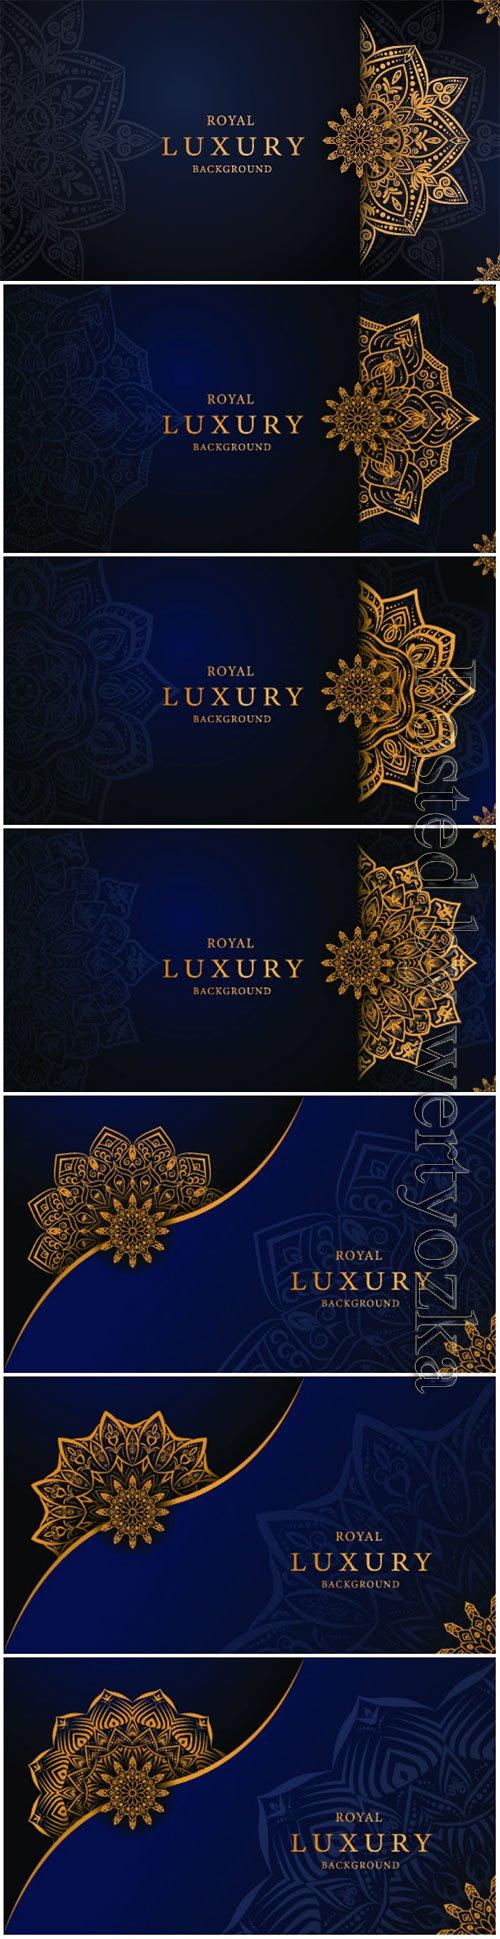 Luxury decorative mandala vector background # 4